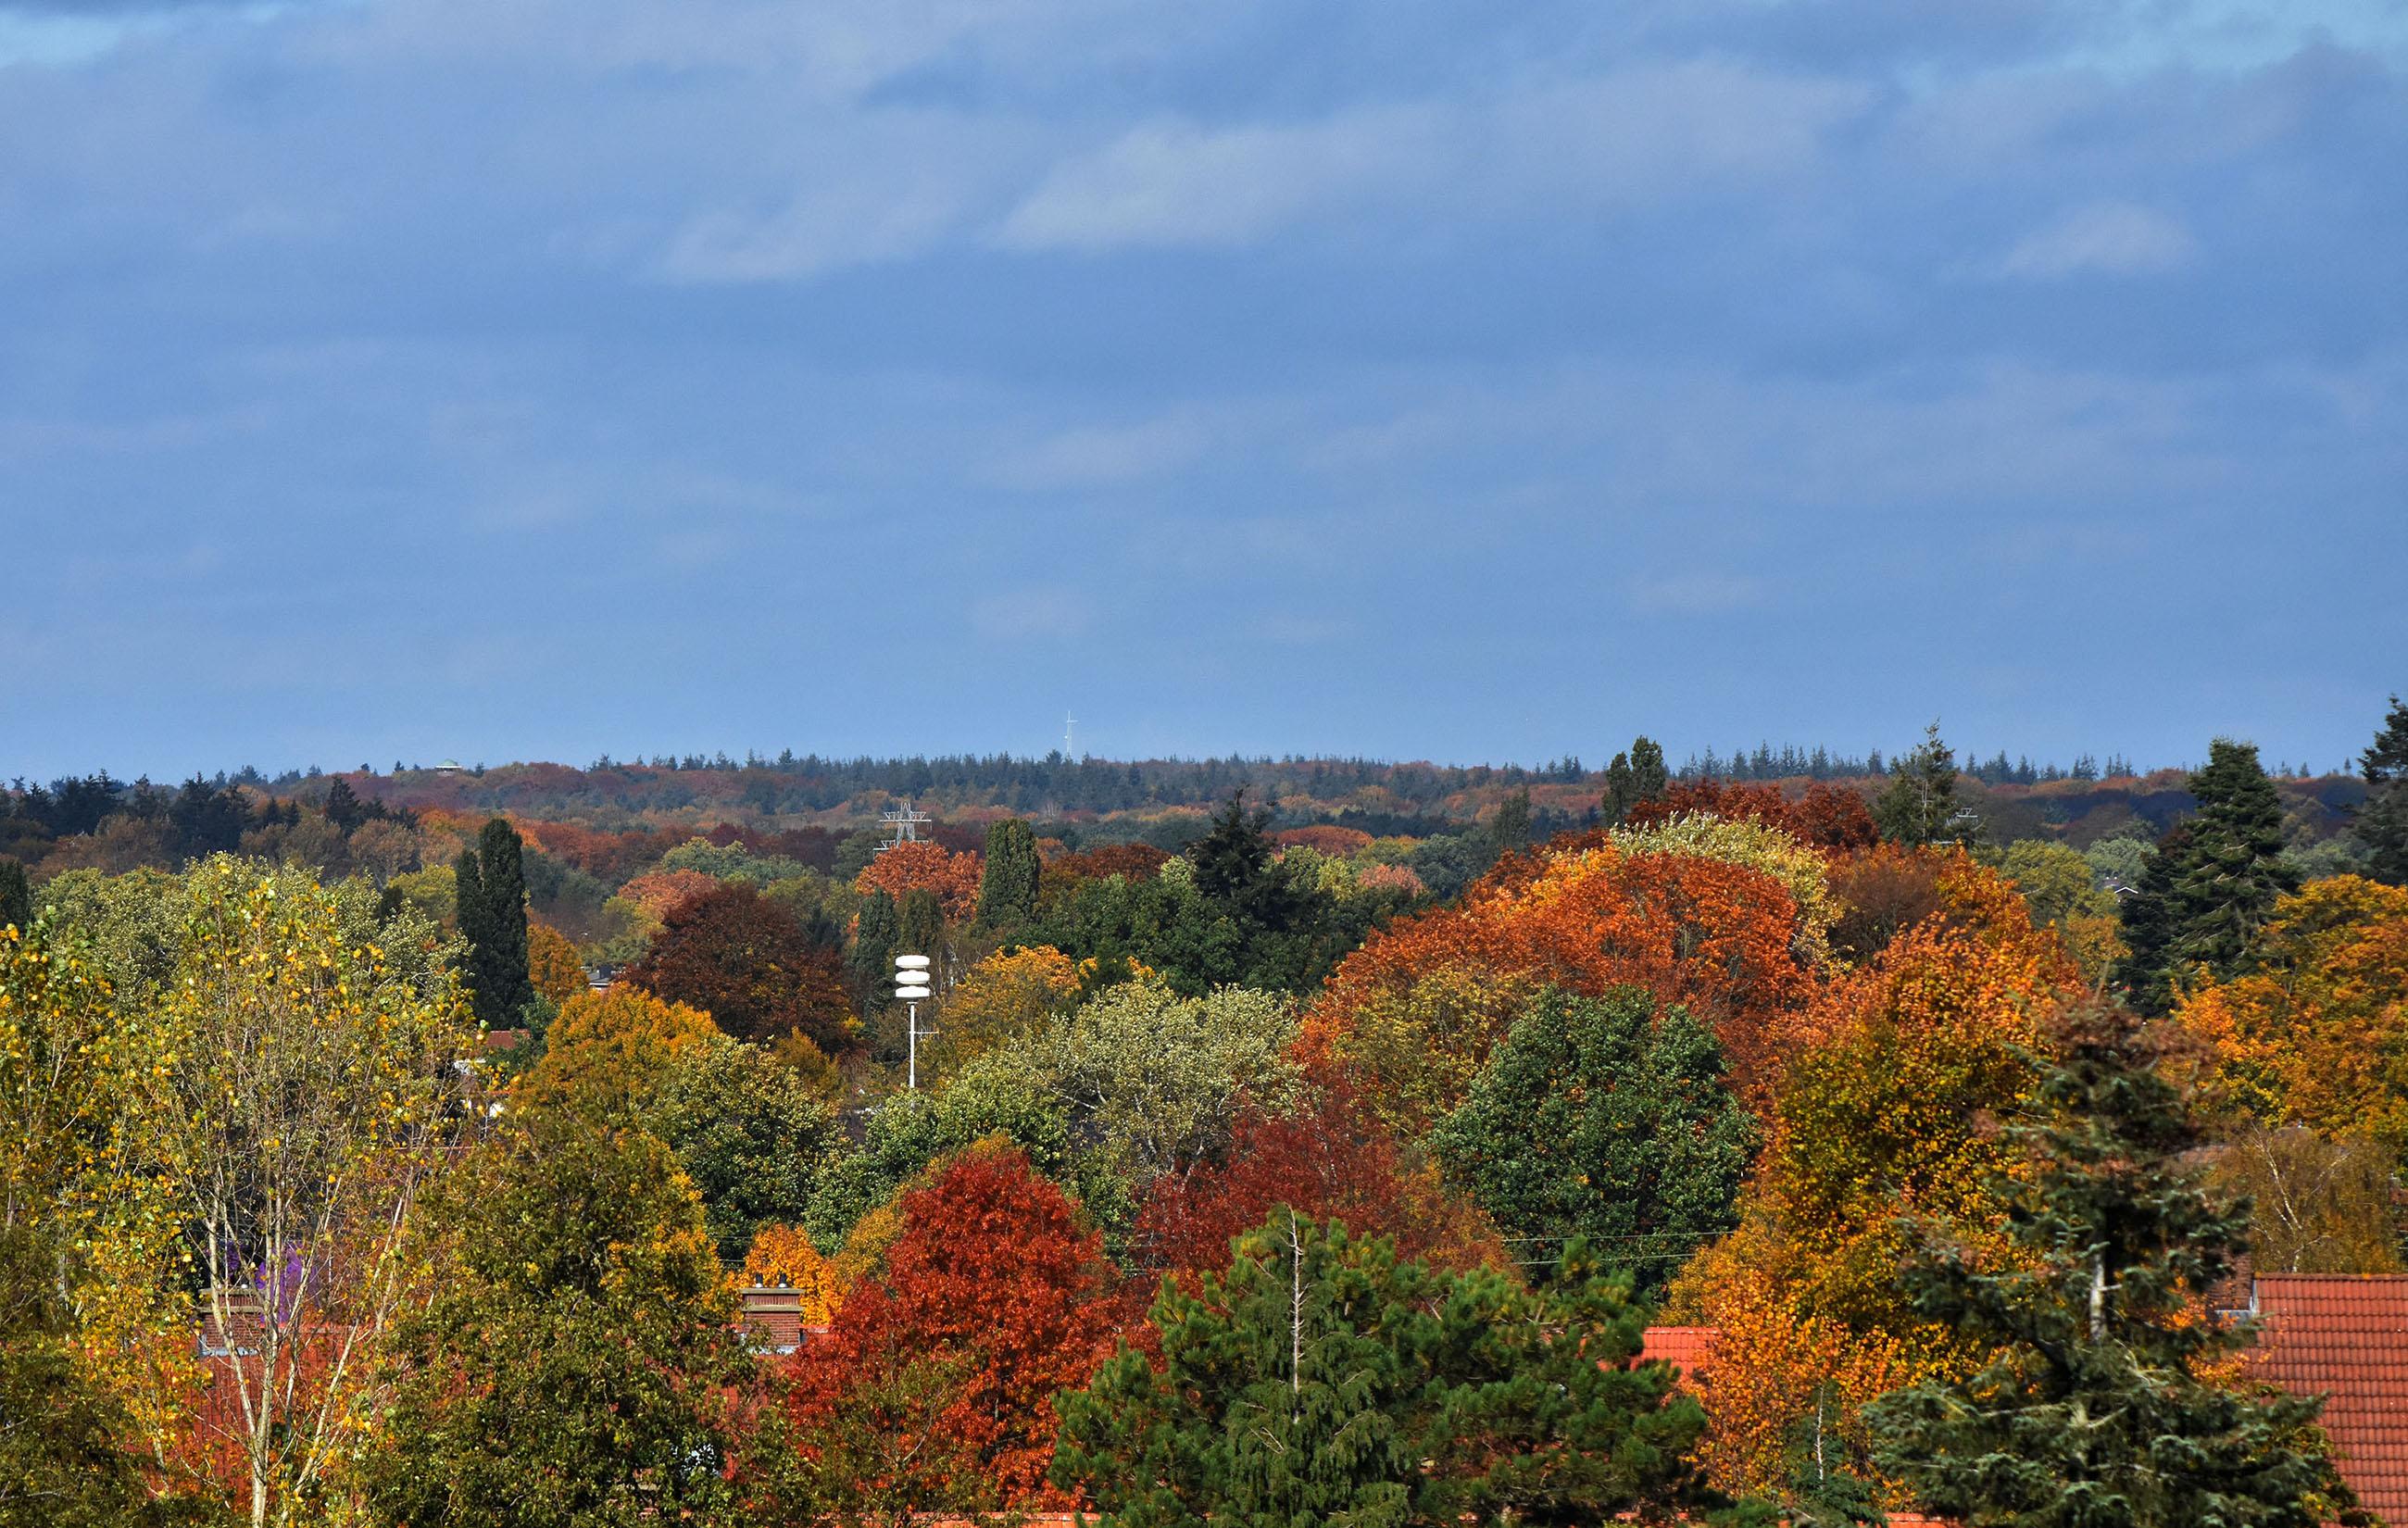 De herfst geeft een schitterend kleurenpalet boven de bossen van de Veluwe. En als we inzoomen richting Lunteren, is de hoed van uitkijktoren De Koepel duidelijk zichtbaar! - Foto: ©Louis Fraanje